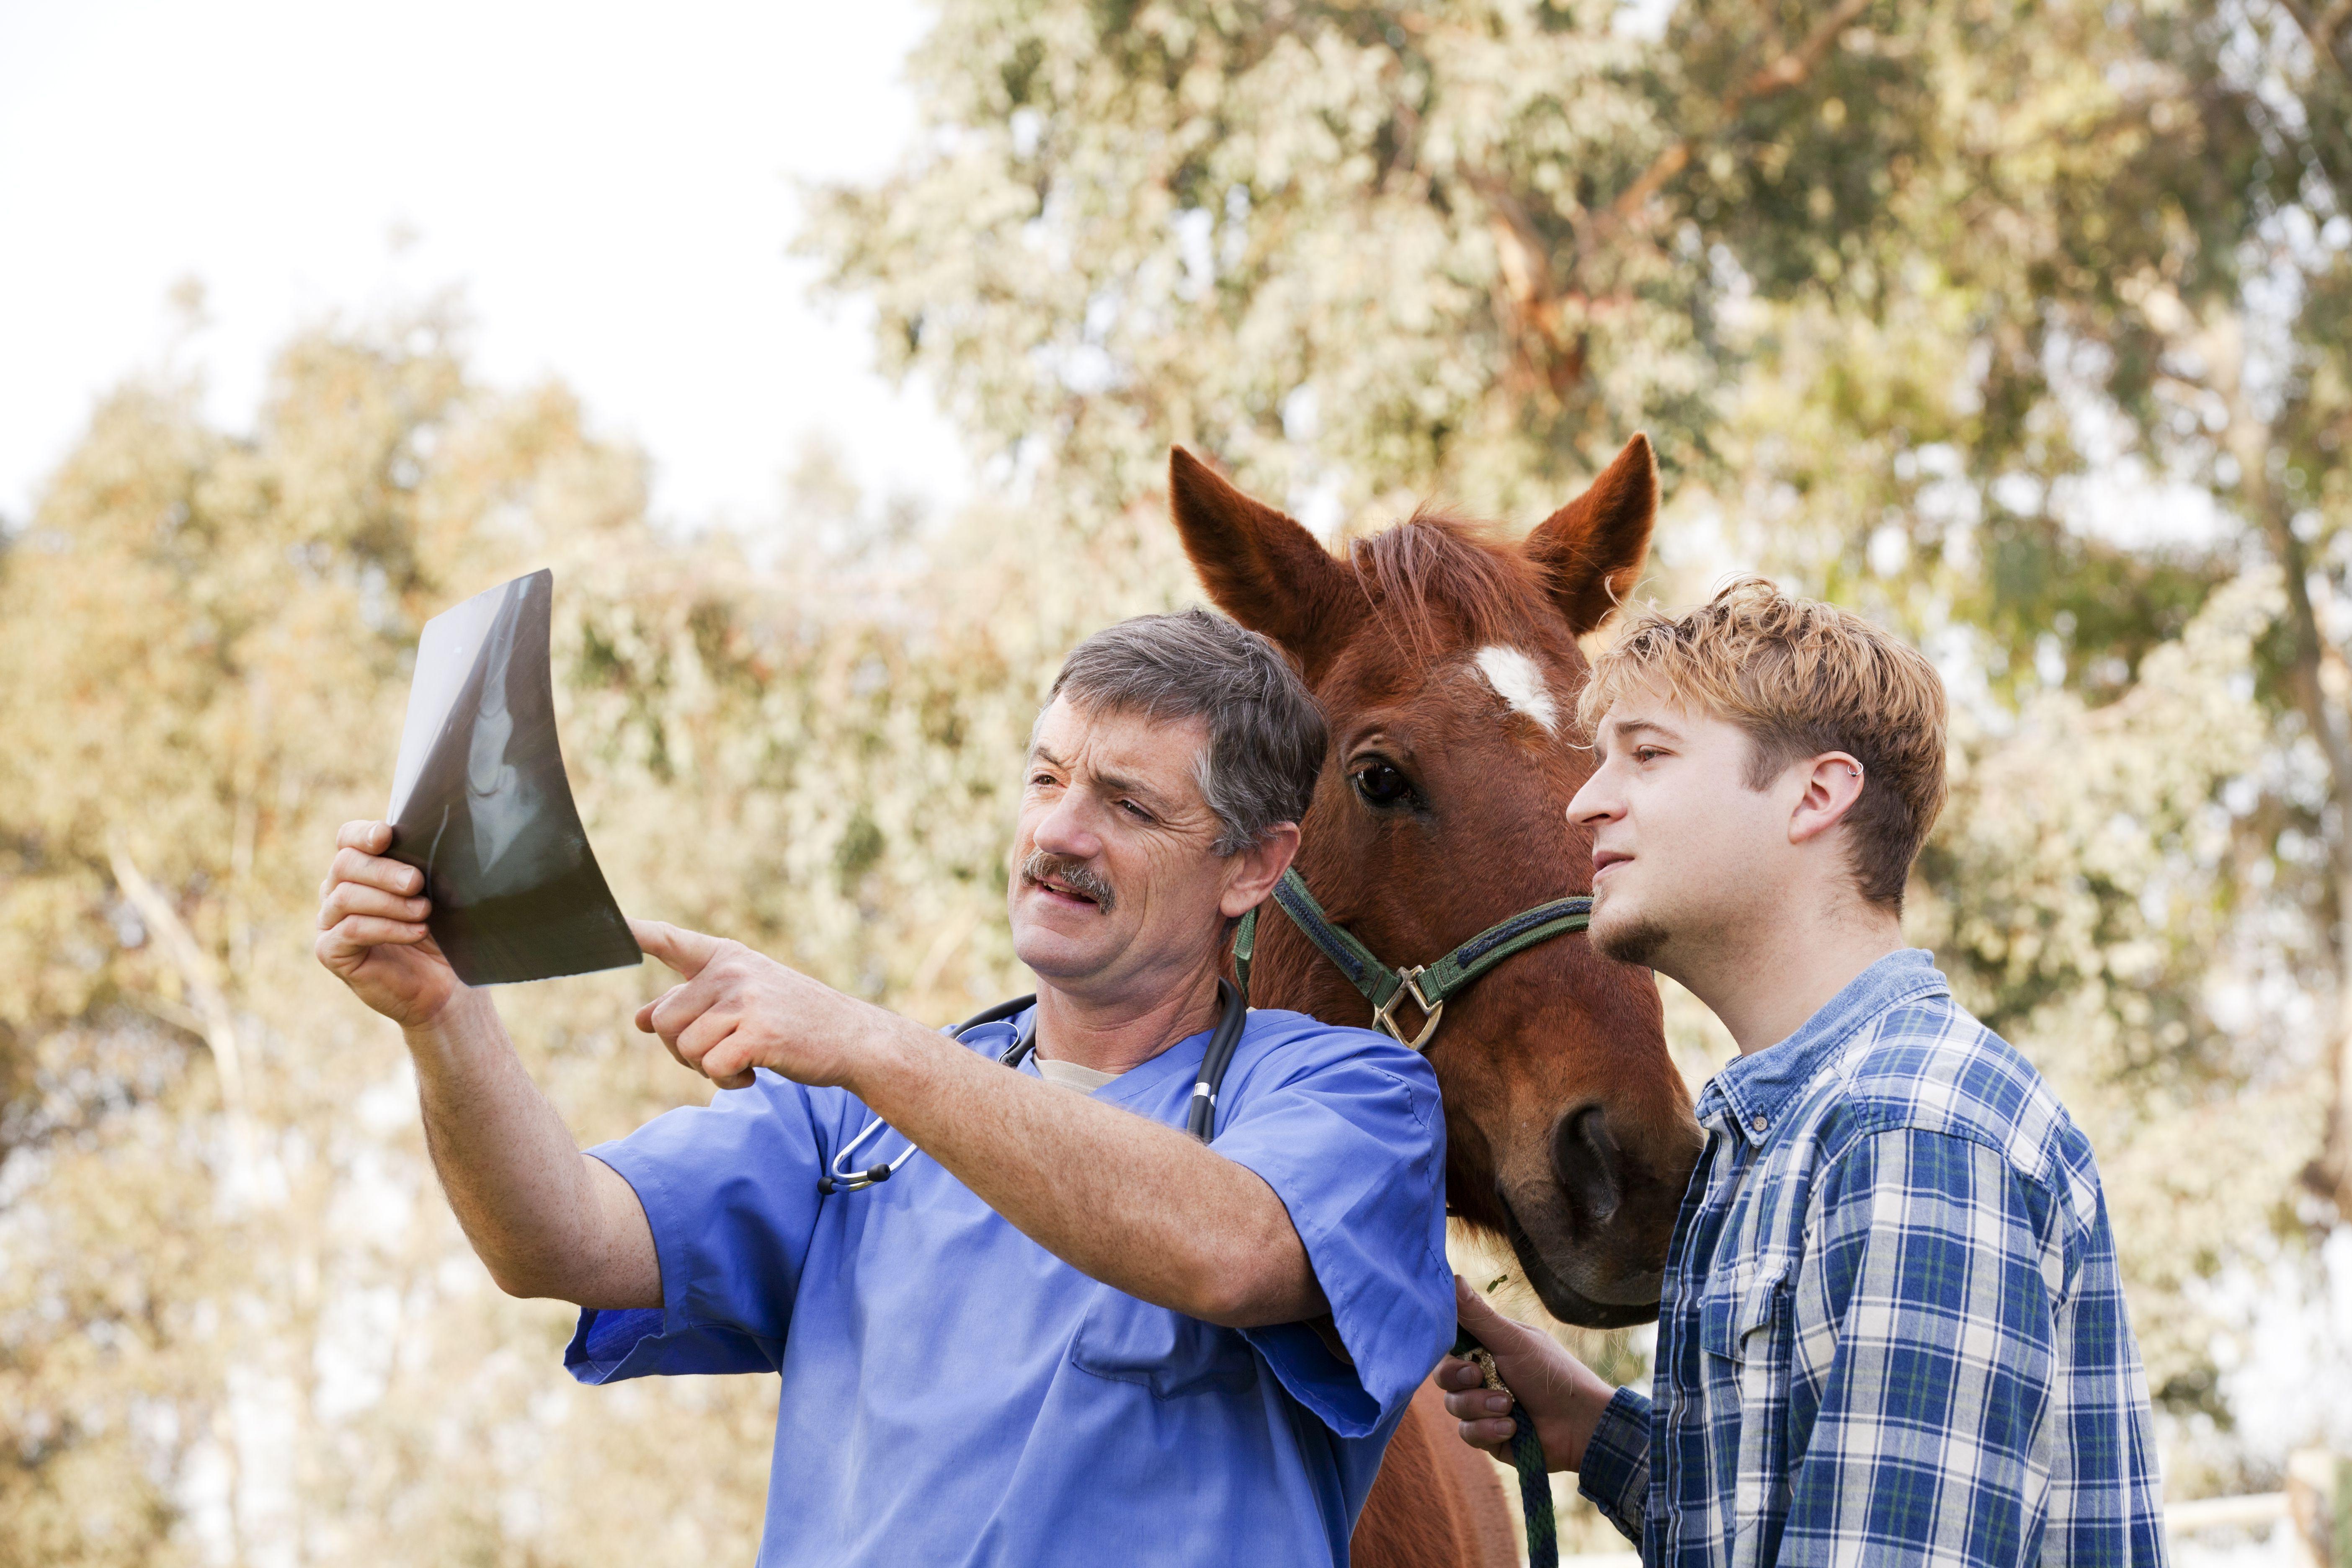 Revise los resultados de los rayos X con el dueño del caballo mientras el caballo está detrás de ellos.